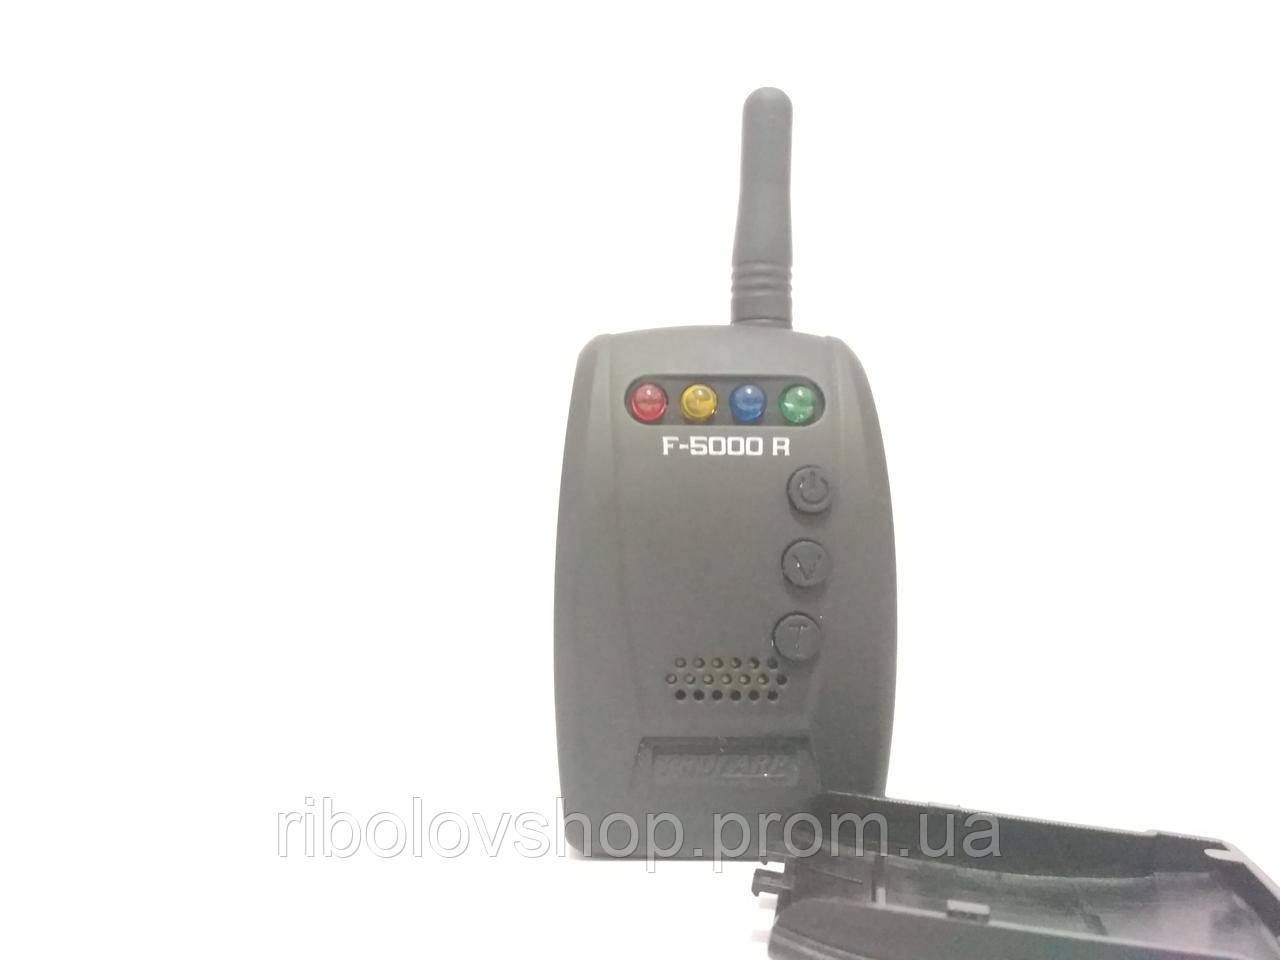 Пейджер PRO CARP F-5000